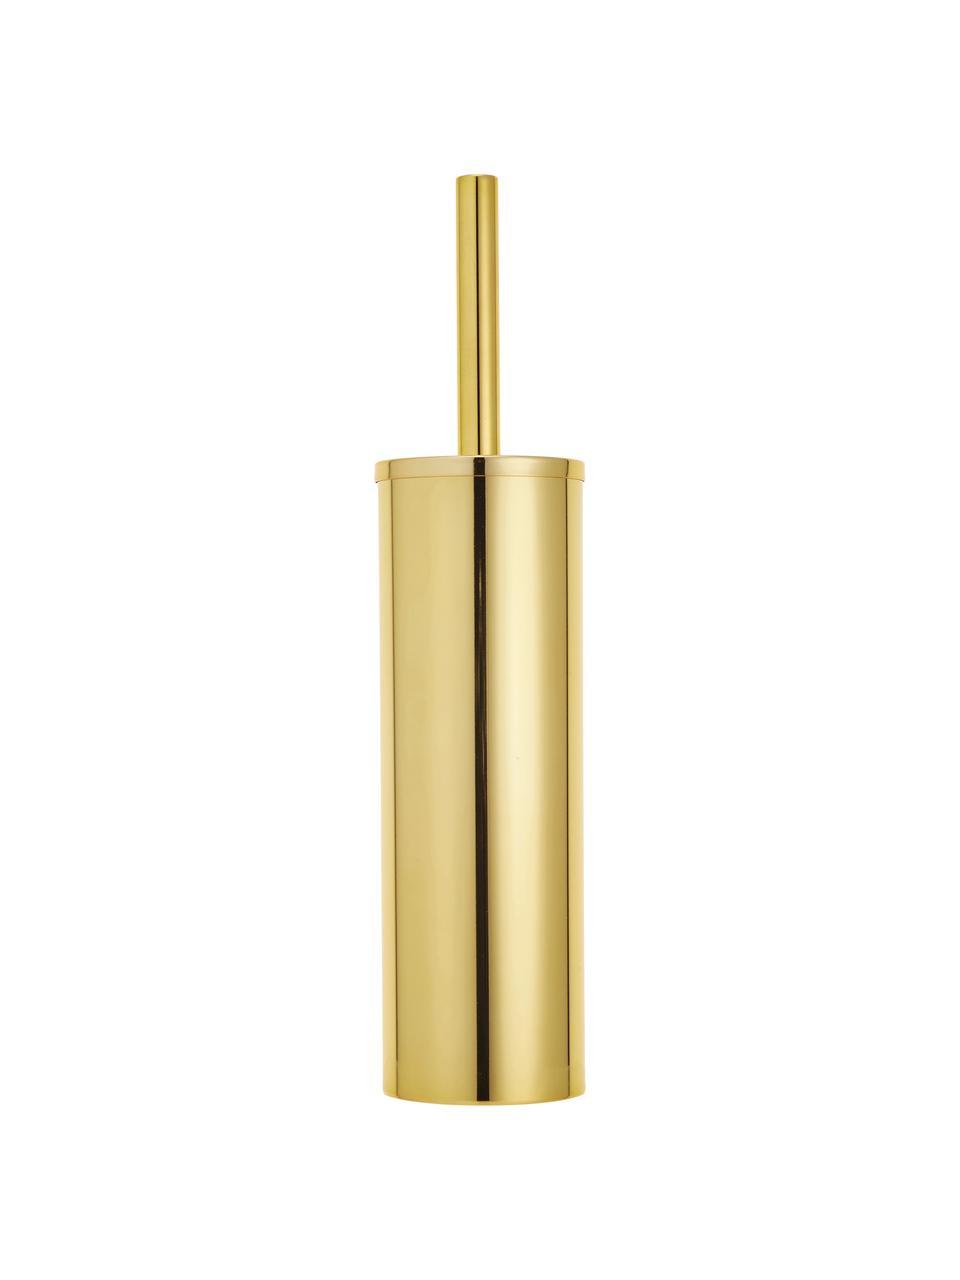 Szczotka toaletowa Classic, Metal, lakierowany, Złoty, Ø 9 x 40 cm